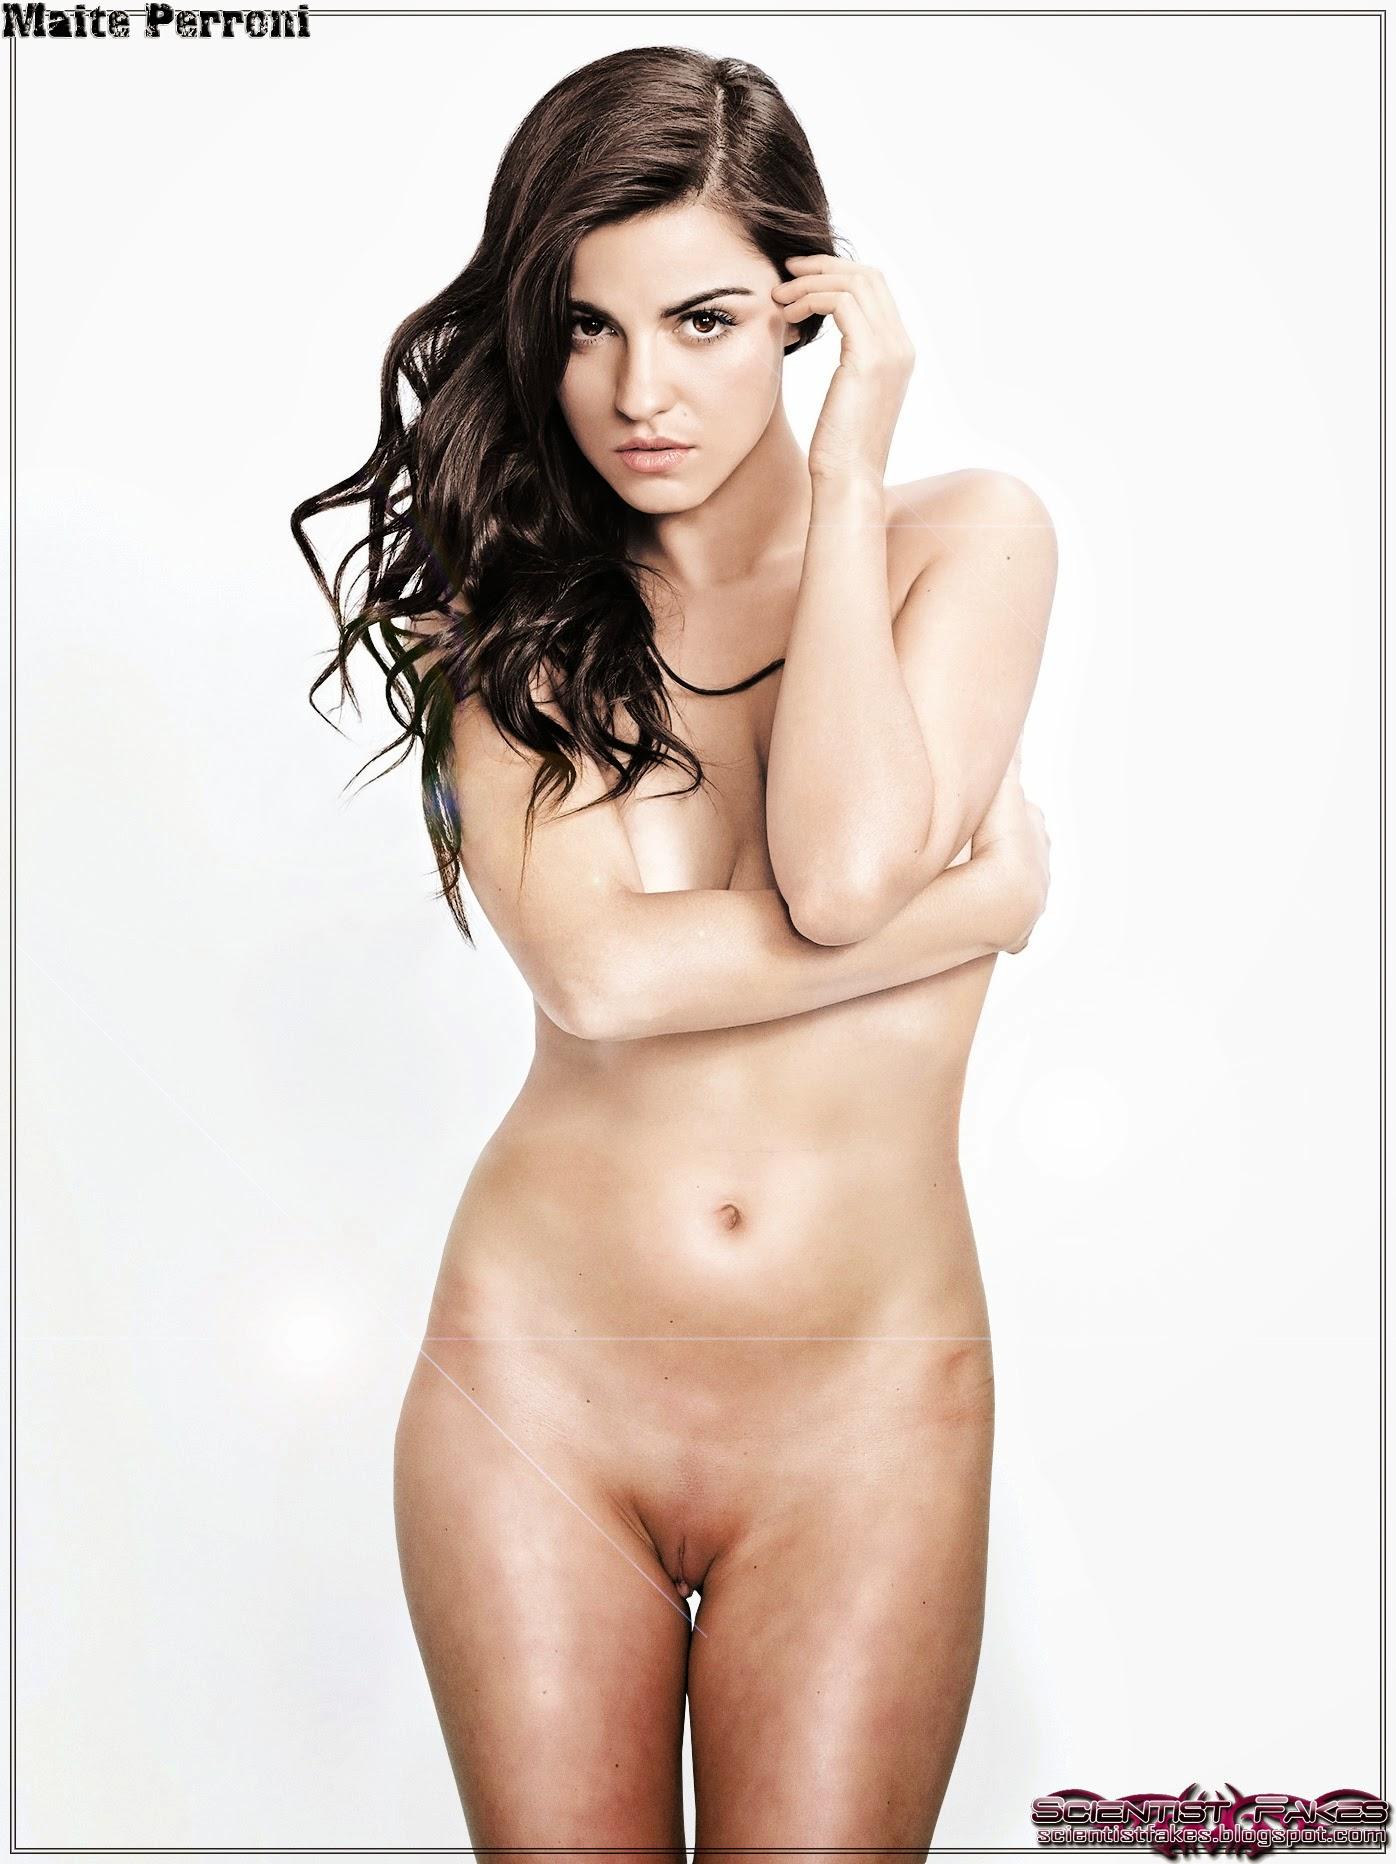 Famosas Meicanas Desnudas Maite Perroni Meico Nude